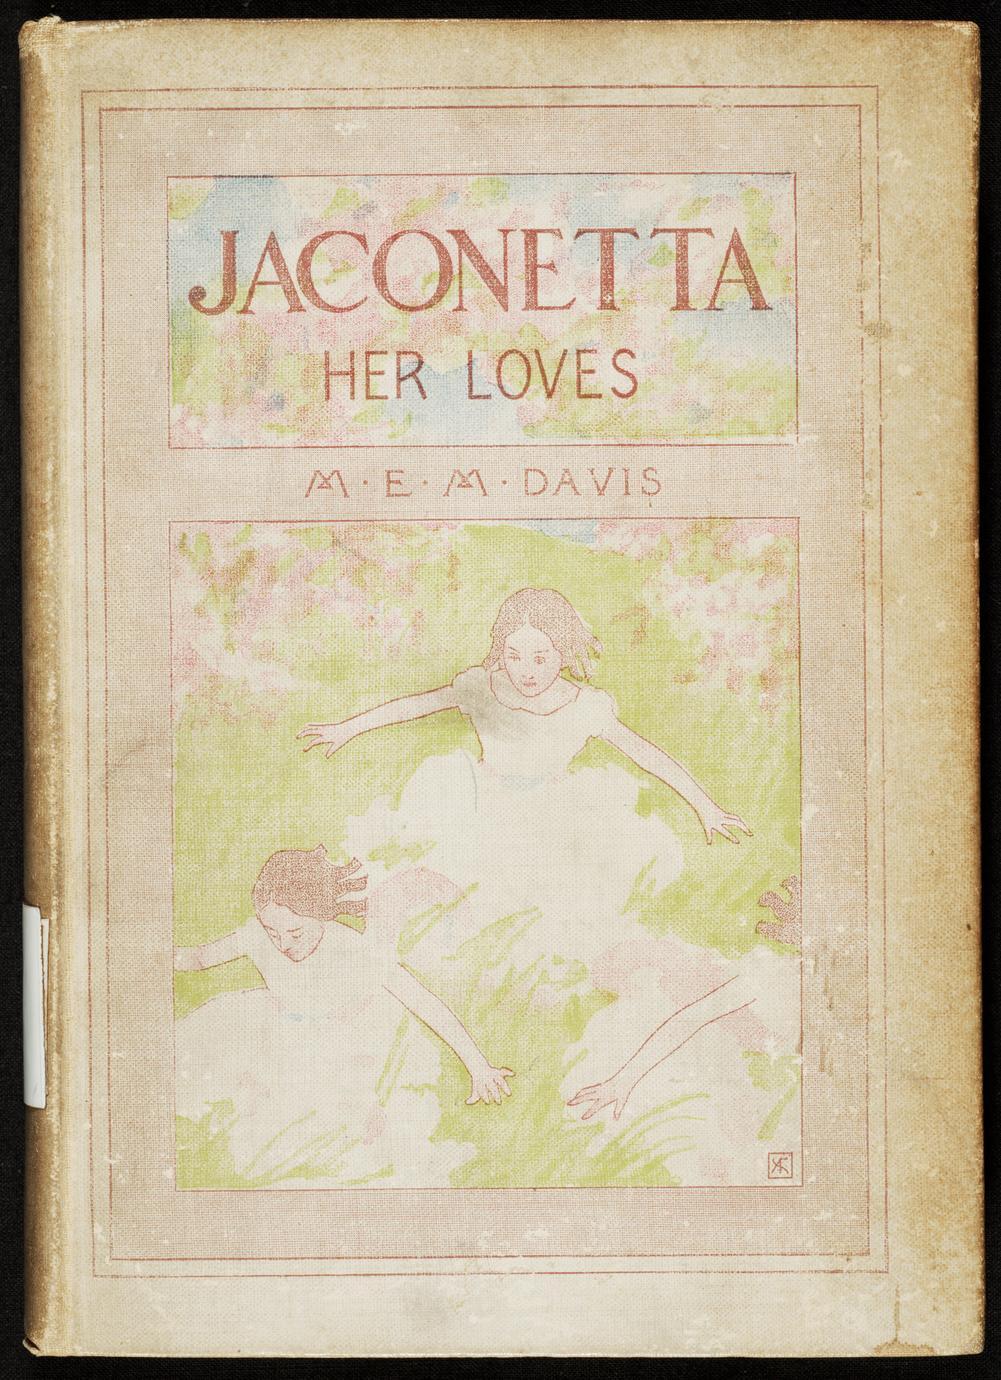 Jaconetta : her loves (1 of 4)